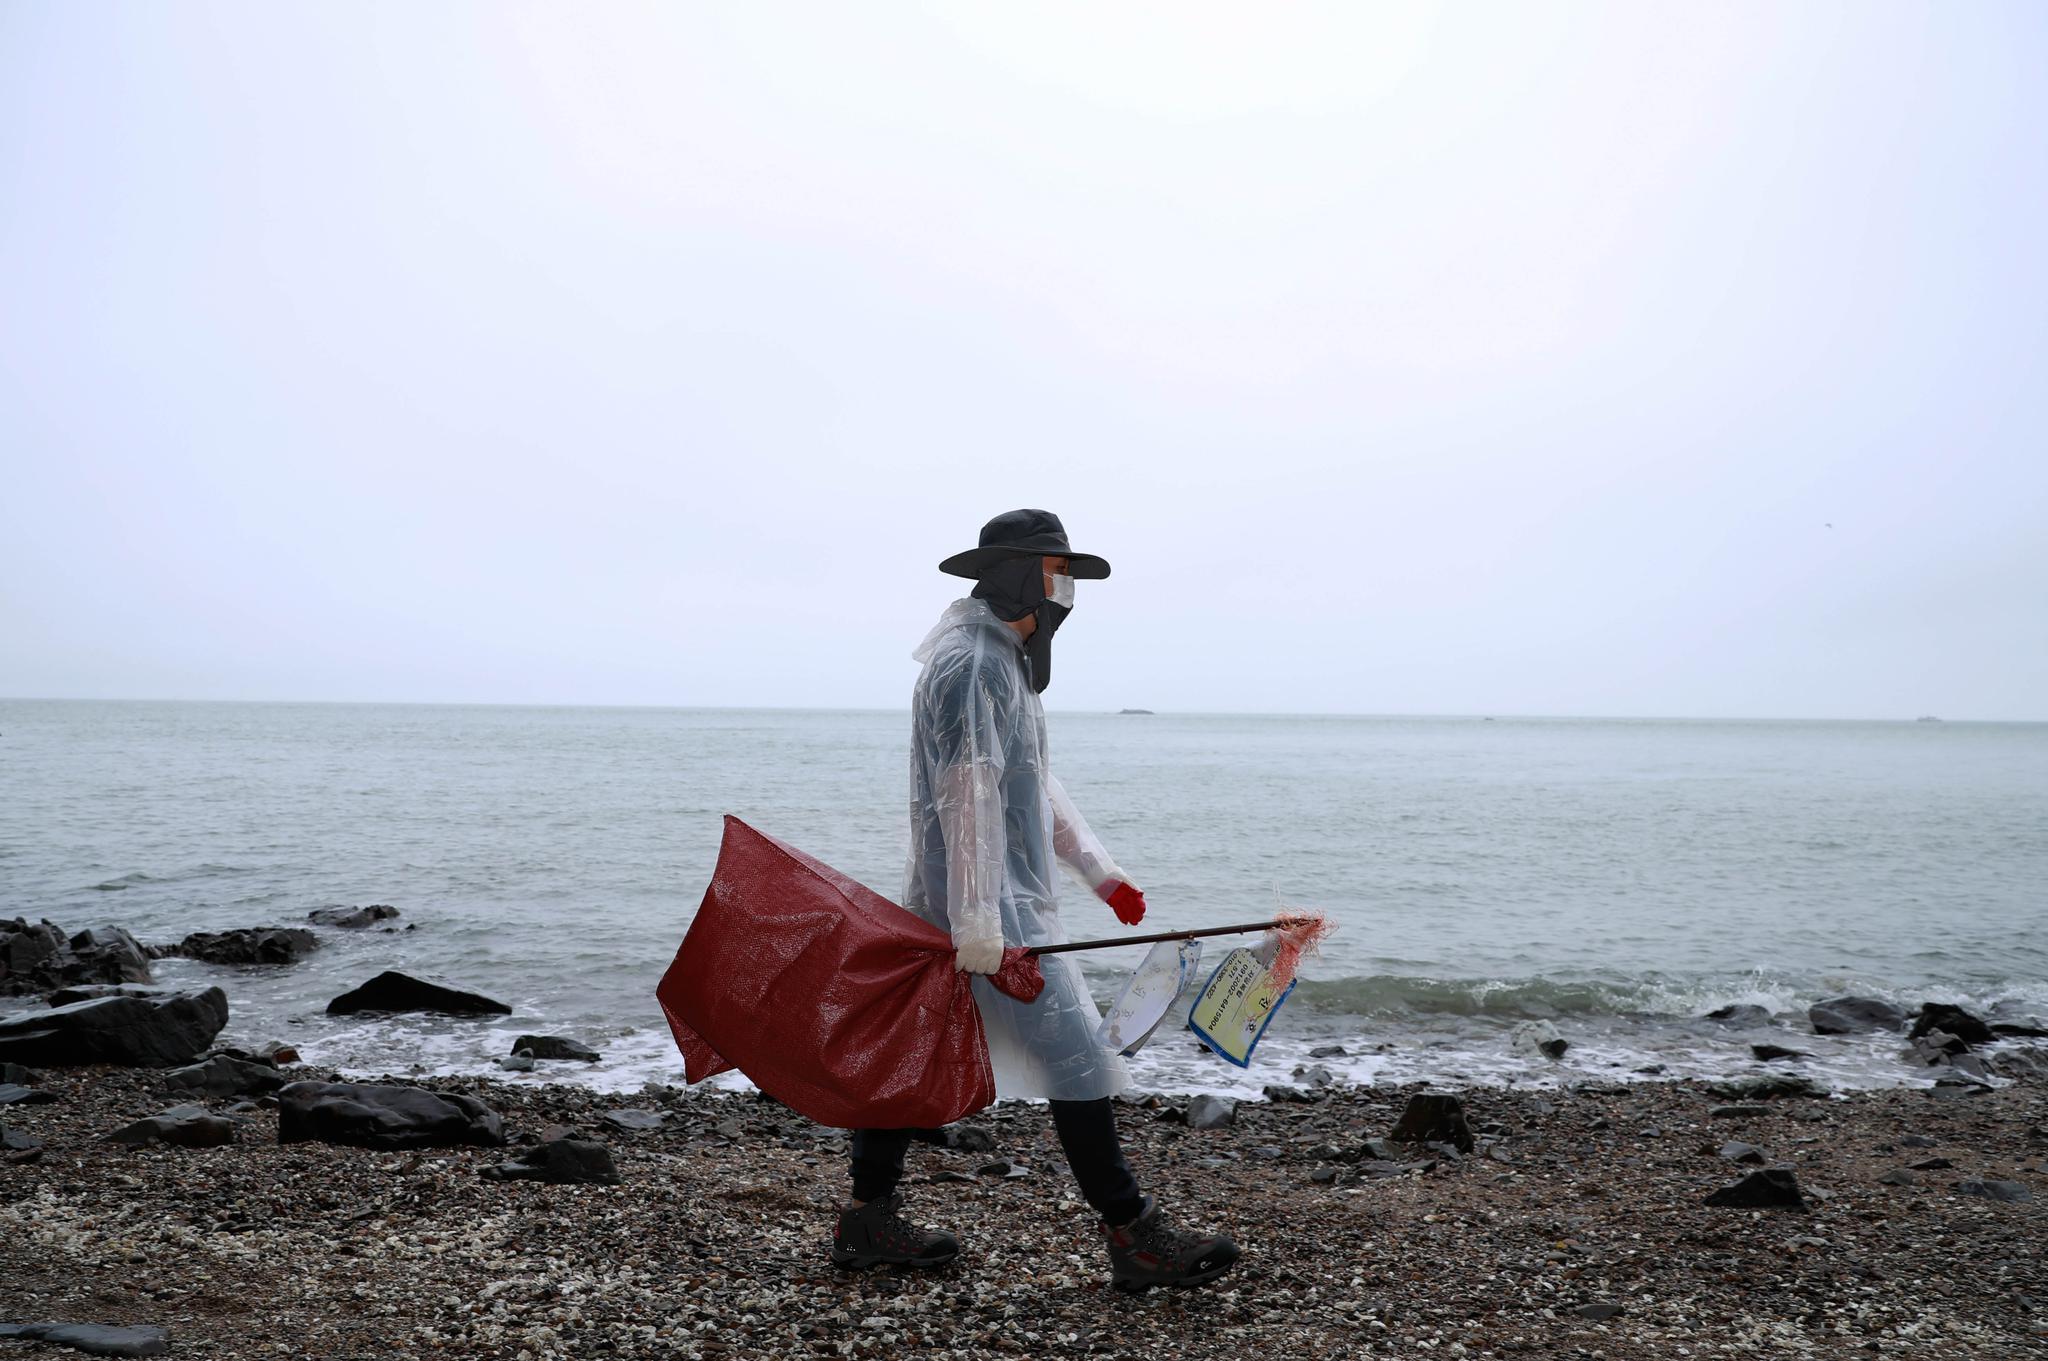 韩国:清理海洋垃圾在行动